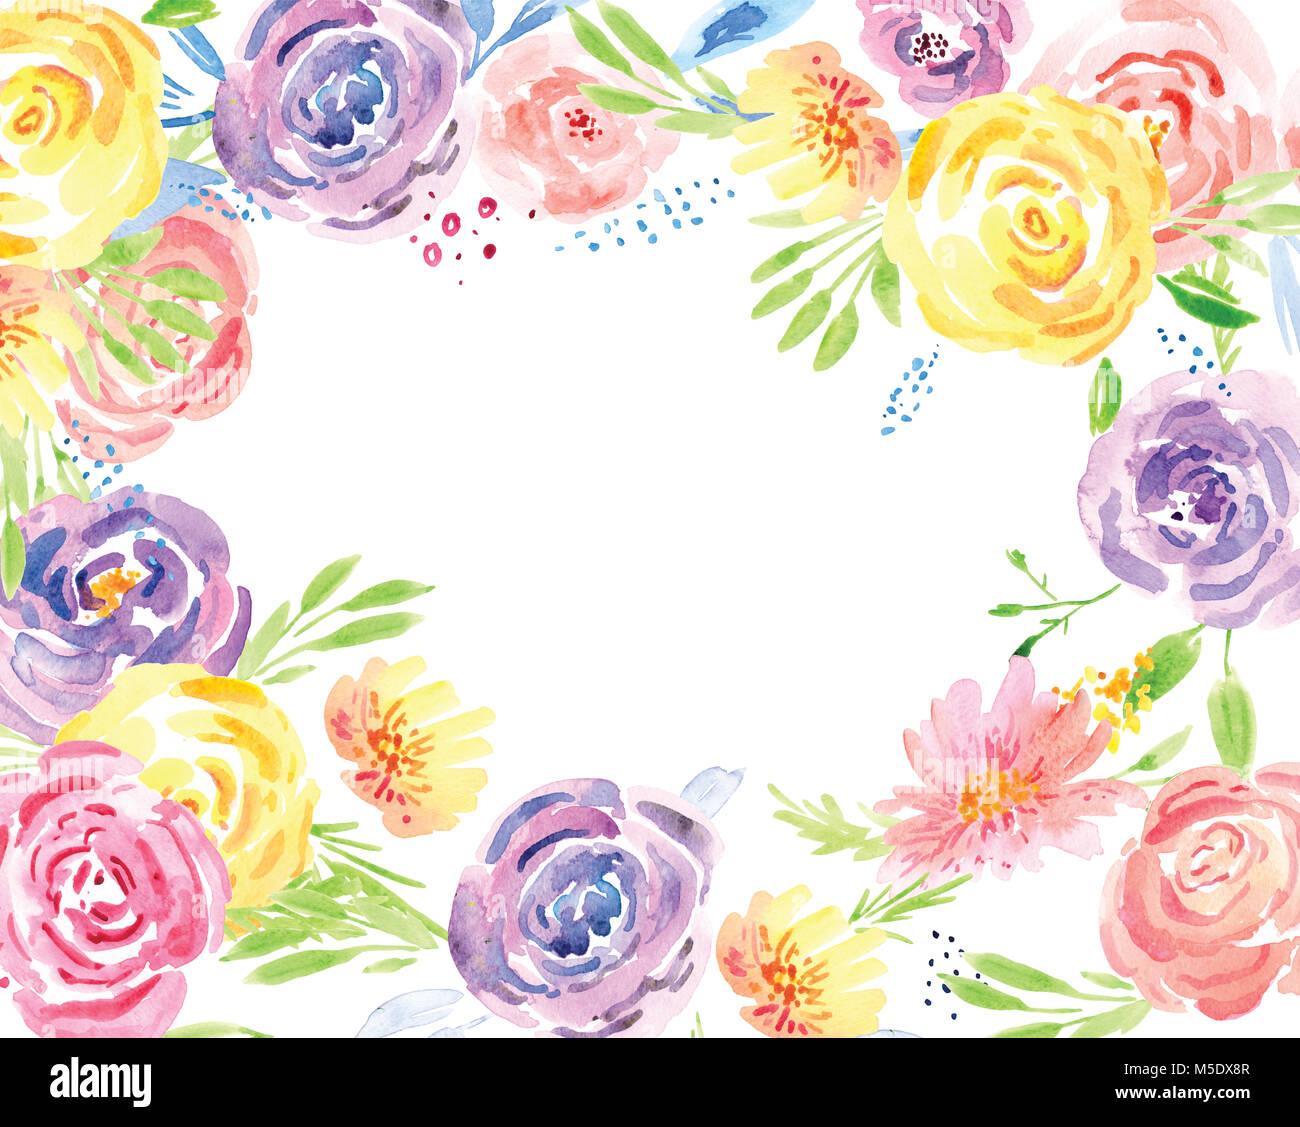 Fleur de printemps Collier Aquarelle bouquets de fleurs peintes à la main. Photo Stock